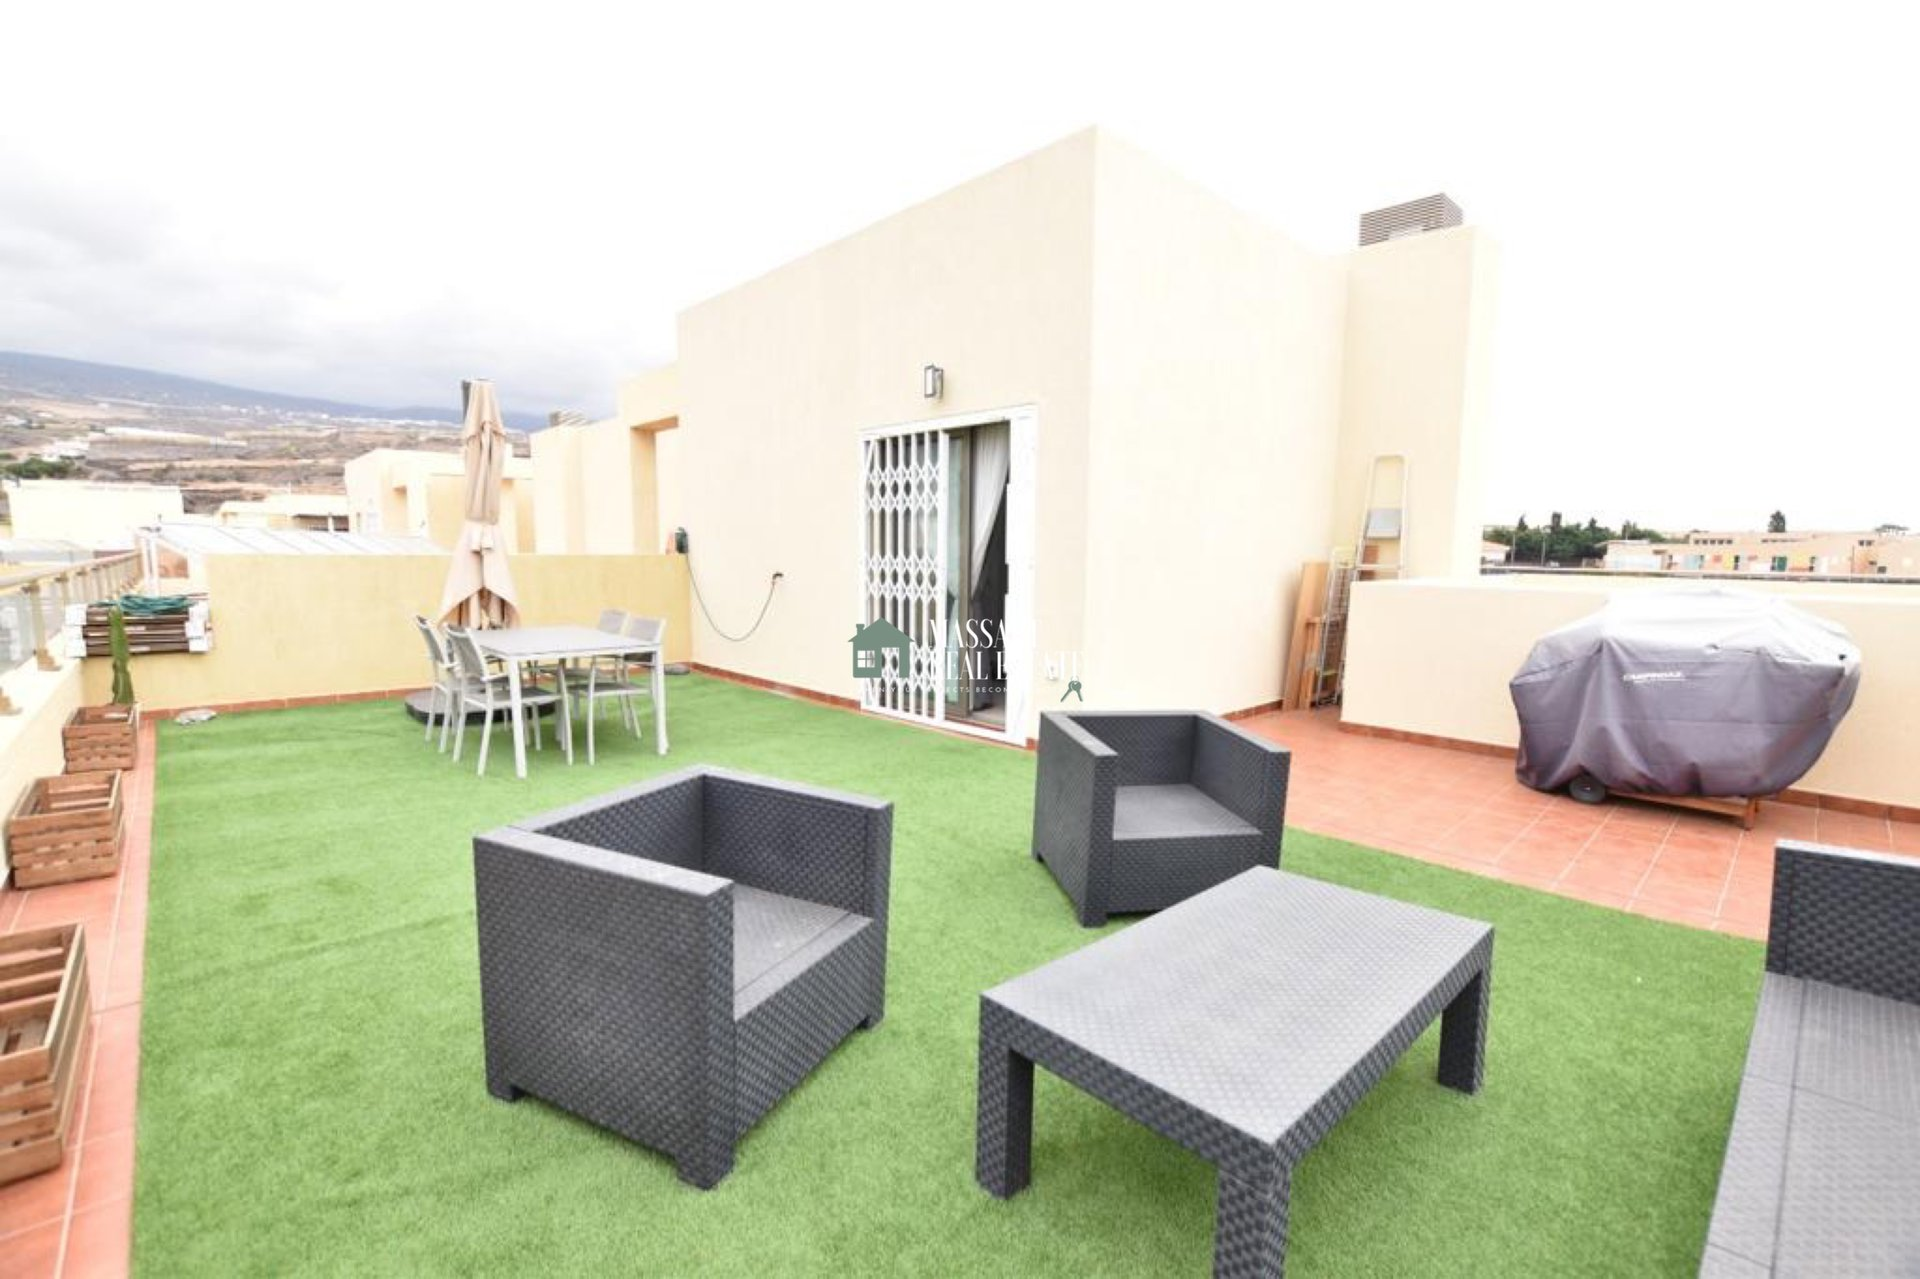 VENDESI nella bellissima cittadina costiera di Alcalá, attico duplex di grande pregio per la sua magnifica terrazza.